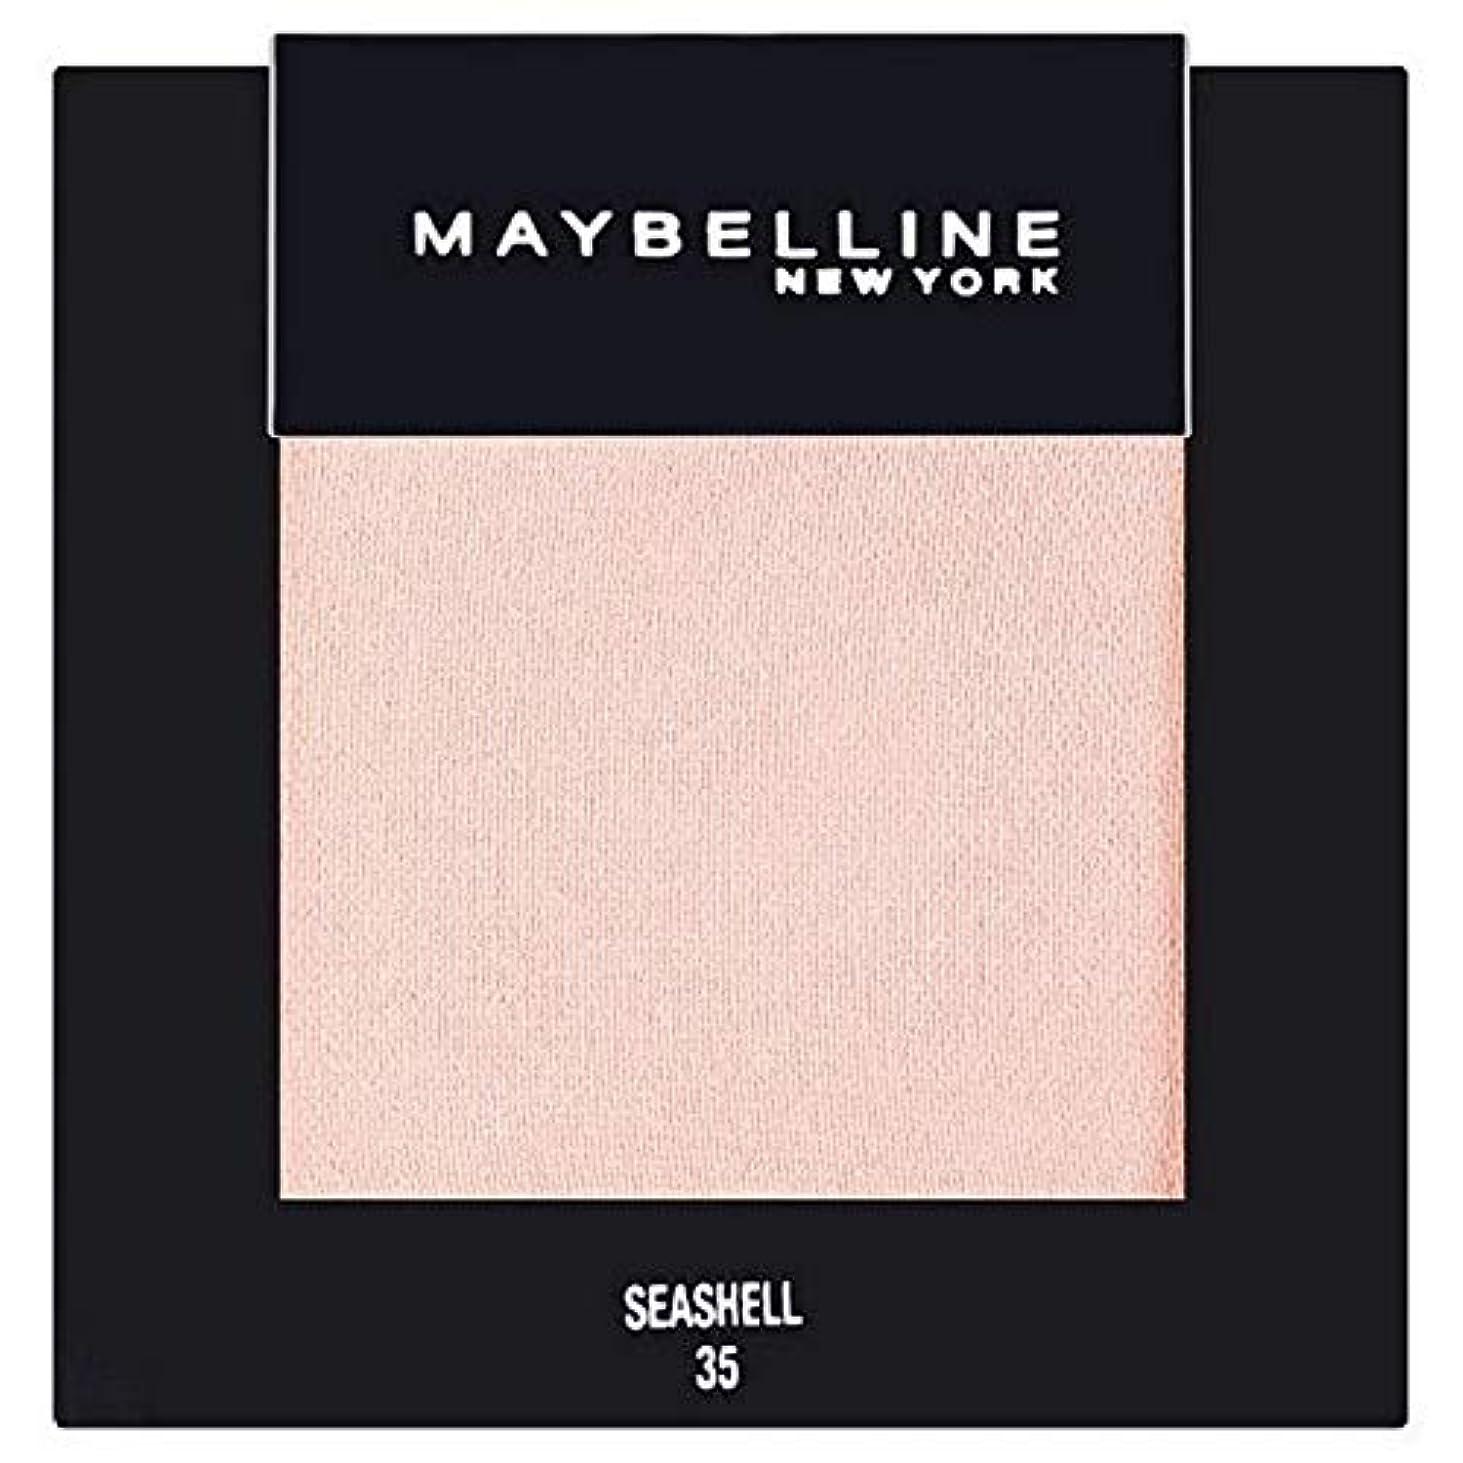 避難するミルク突然の[Maybelline ] メイベリンカラーショーシングルアイシャドウ35貝殻 - Maybelline Color Show Single Eyeshadow 35 Seashell [並行輸入品]